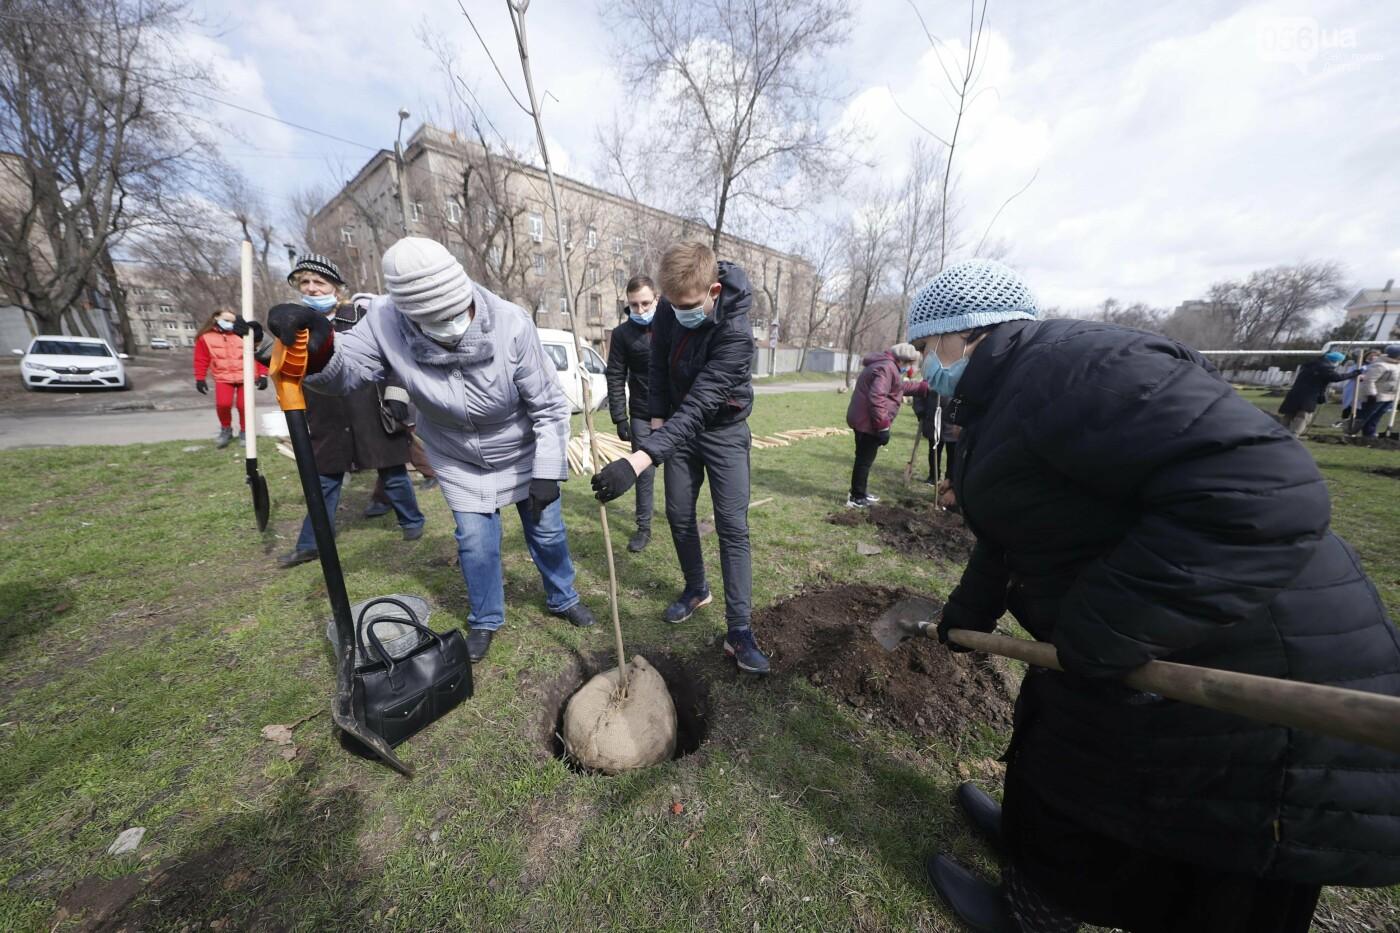 Днепр цветущий: дети и горожане элегантного возраста вместе высаживают деревья для нового сквера, фото-3